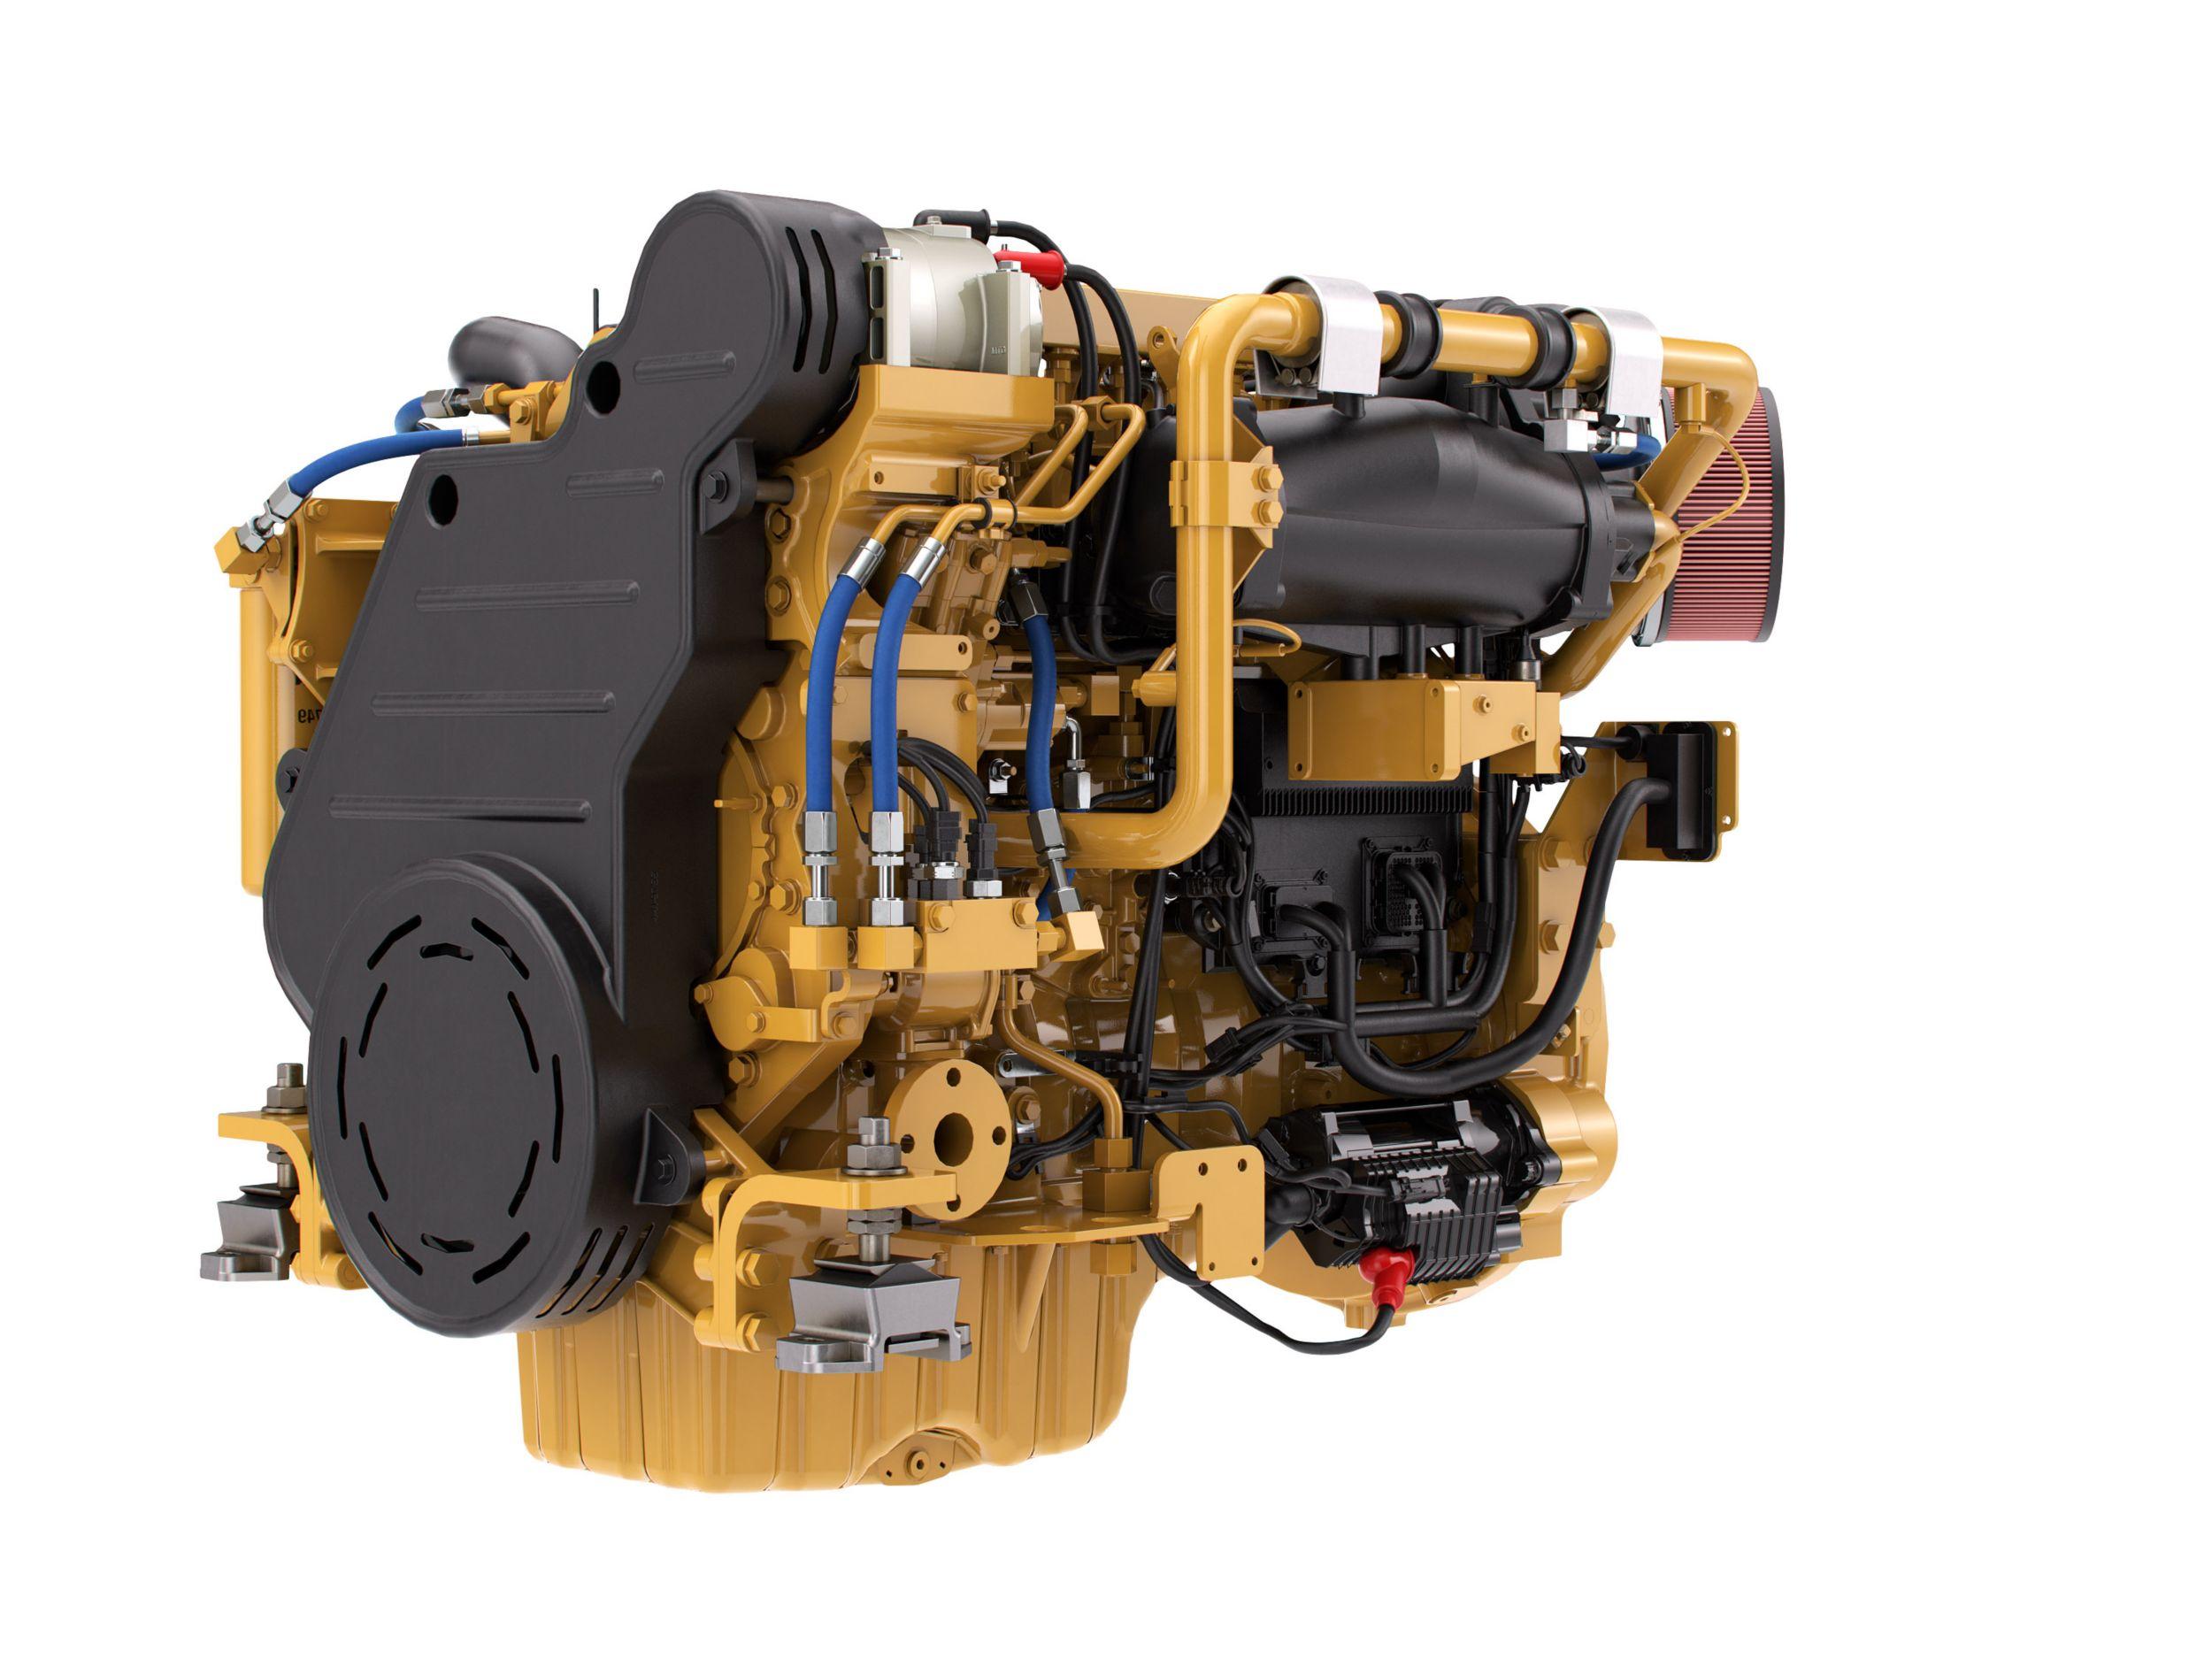 3126 Caterpillar Fuel Filter Truck Cat C9 3 Marine Generator Set Auxiliary Engine